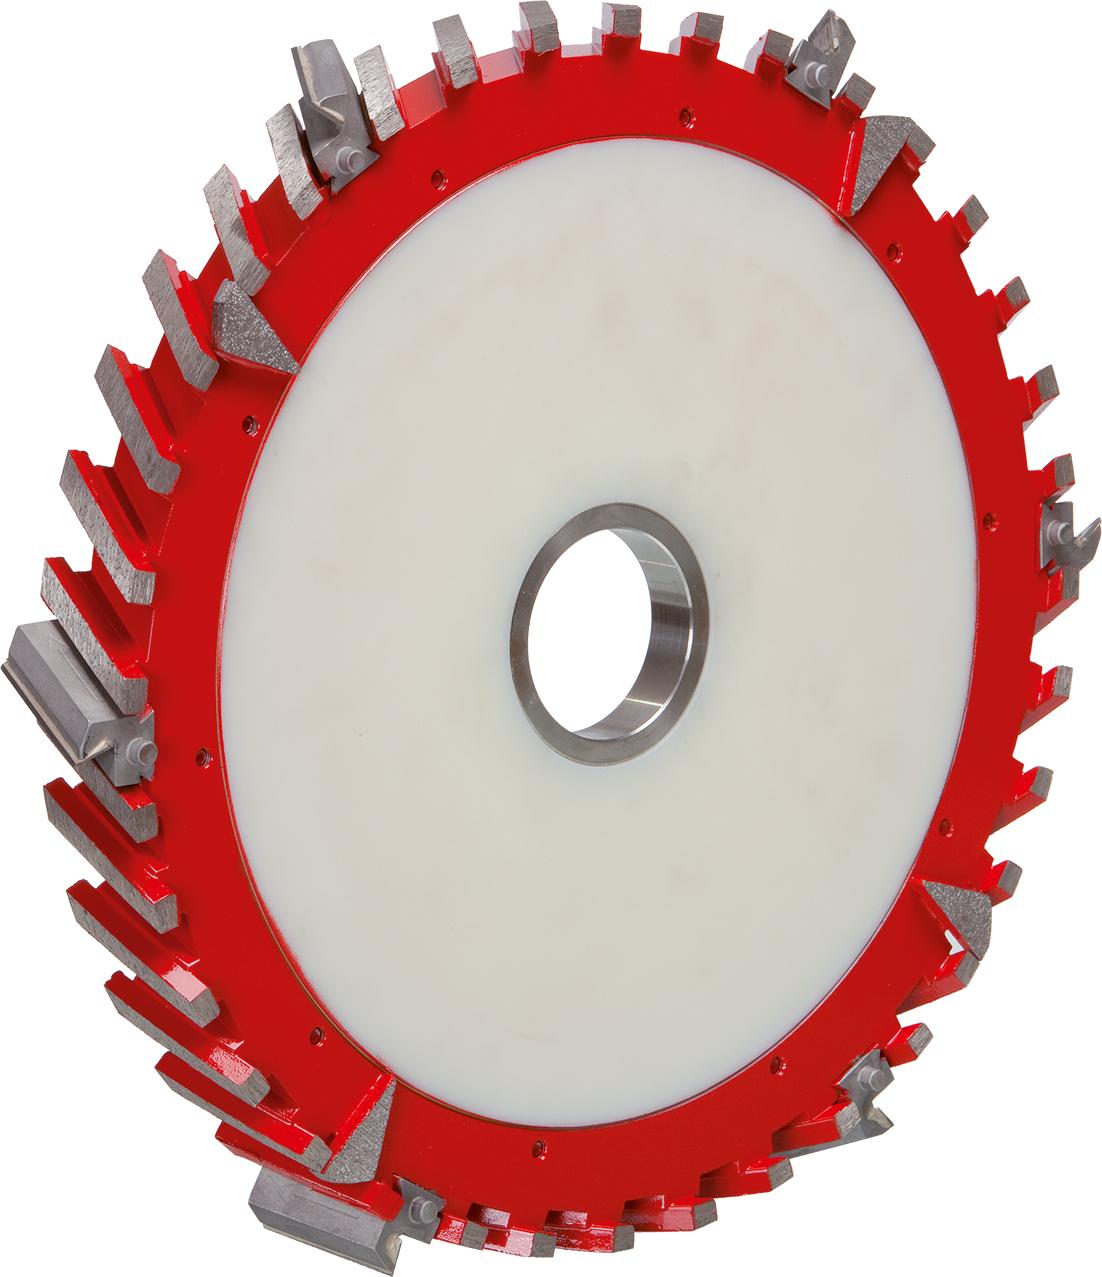 DIAREX Umfangsfräser ø 350 mm | Fräsbreite 40 mm